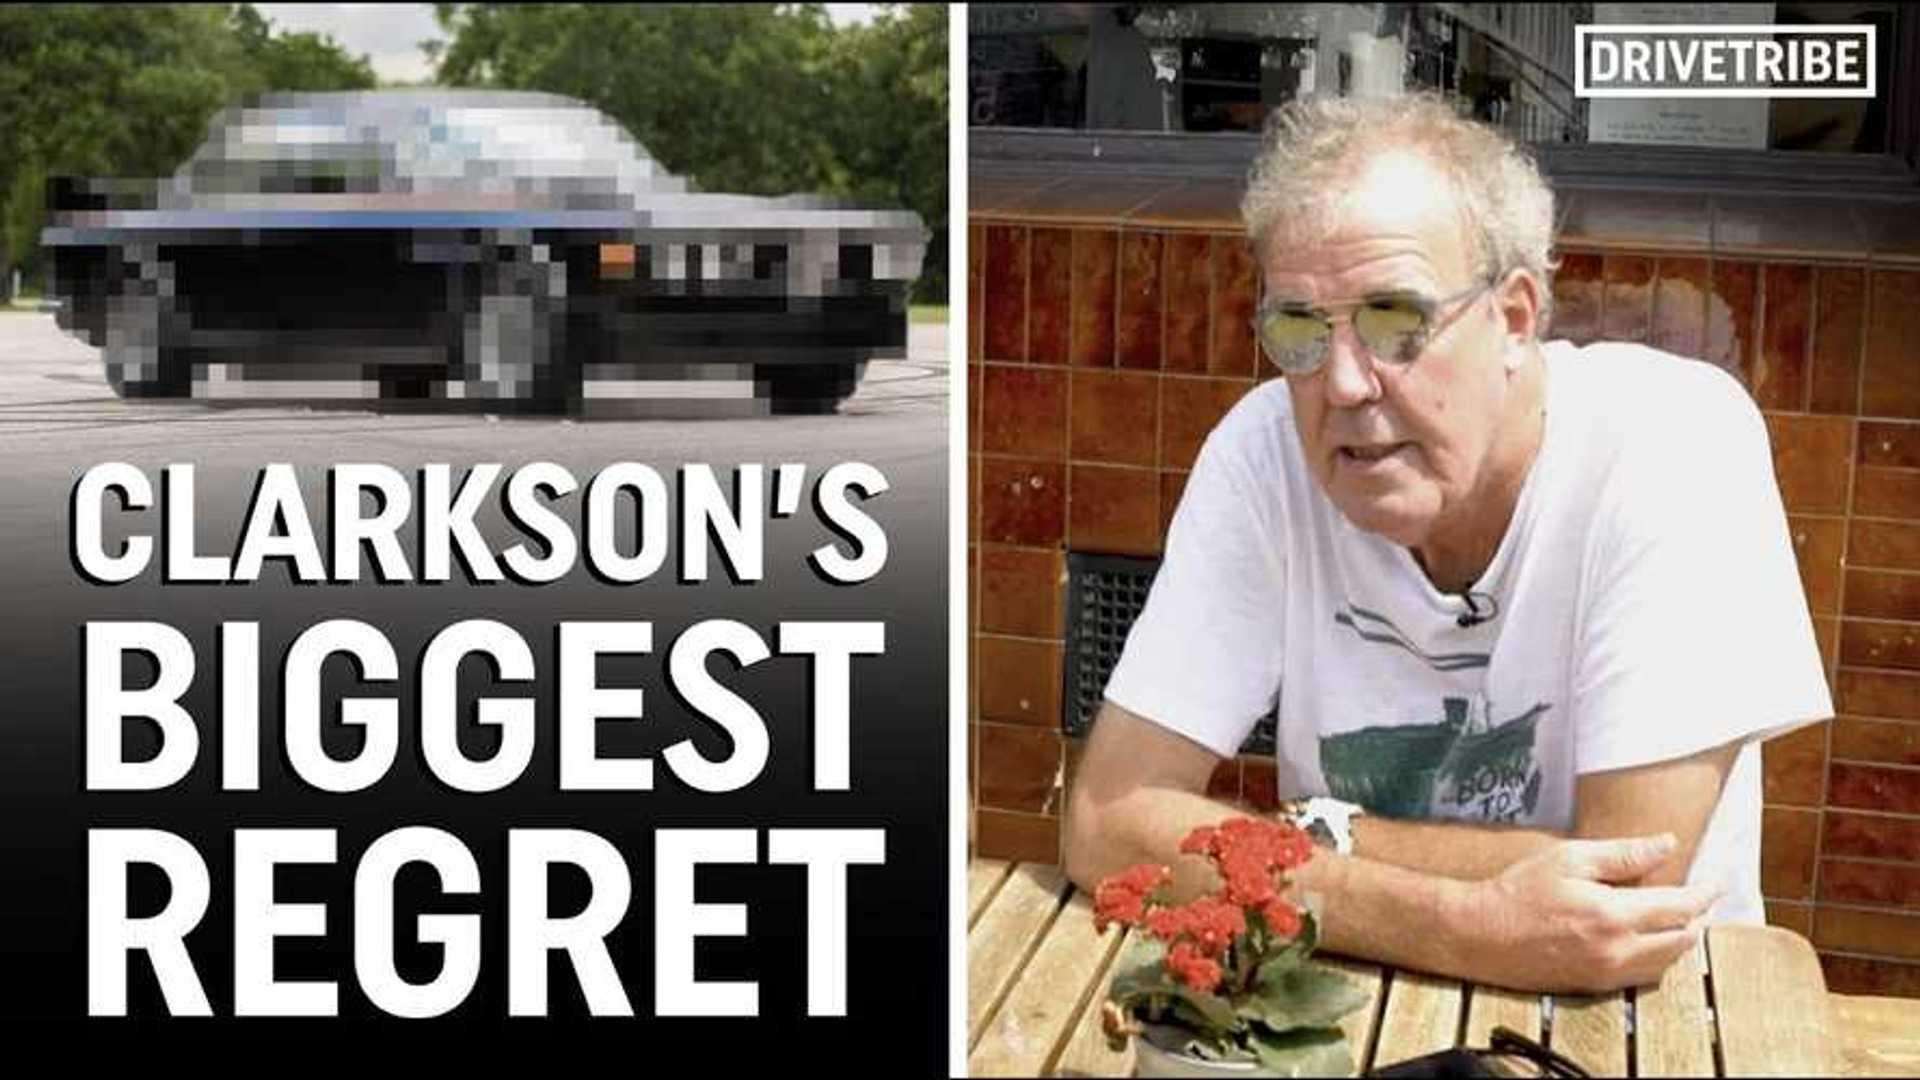 Джереми Кларксон рассказывает об одной машине, которую он сожалеет о продаже